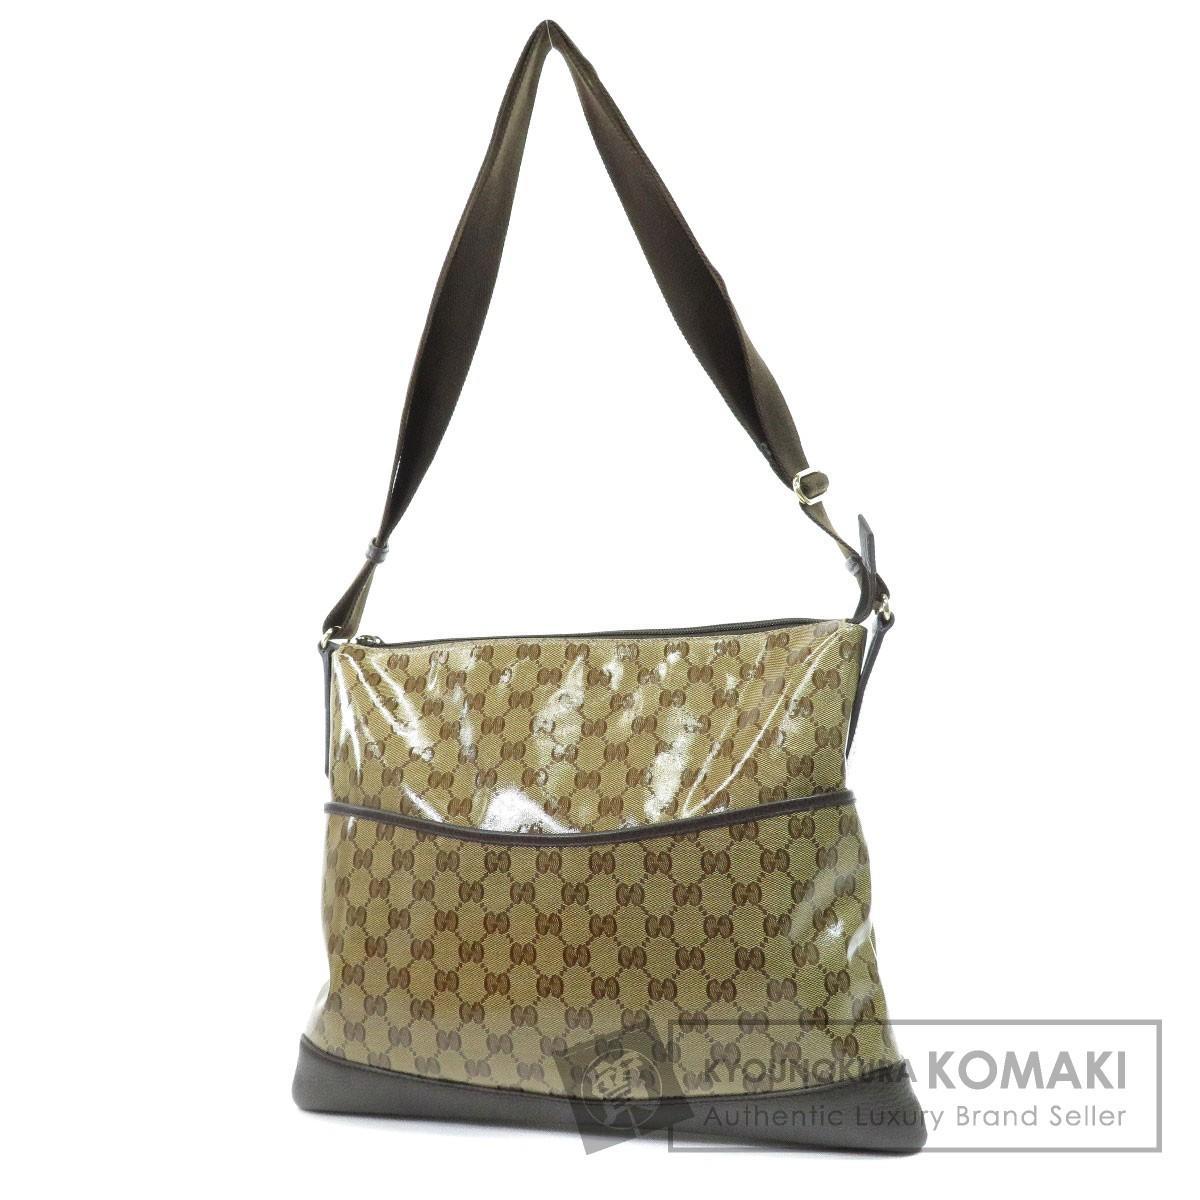 c997a6027df7 Authentic GUCCI 374411 496492 GG Imprime Outlet Shoulder Bag Coated canvas